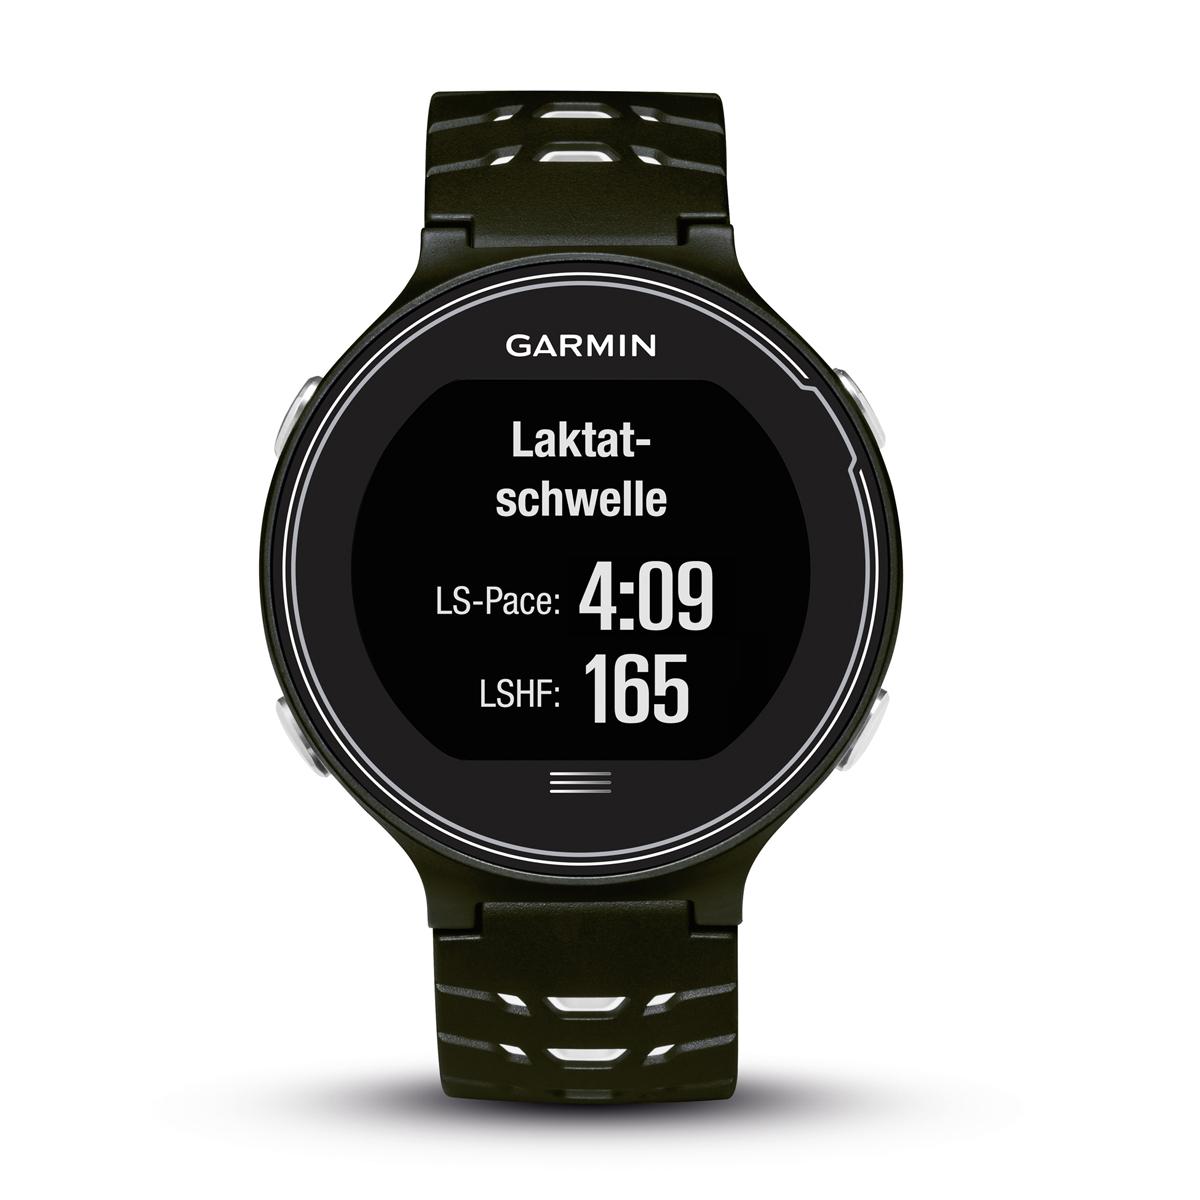 Спортивные часы Garmin Forerunner 630, цвет: черный. 010-03717-20ALC-MB10-3CALRU1-1Смарт-часыGPSс расширенными беговыми даннымиМониторинг: Физической активности;Калорий;СнаДатчики: GPS- трекер;Счетчик калорийОсобенности: Влагозащищенный;Оповещения со смартфона;Часы;Водонепроницаемый;Умный тренер (Smart Coach )Совместимое ОС: GARMINМатериал корпуса: ПластикМатериал ремешка/браслета: ПластикДлина ремешка: 16 см Время работы: 4 неделиИнтерфейс: BluetoothМетод зарядки: microUSB 2.0Вид аккумулятора: Li-ionЕмкость аккумулятора: 300 mA